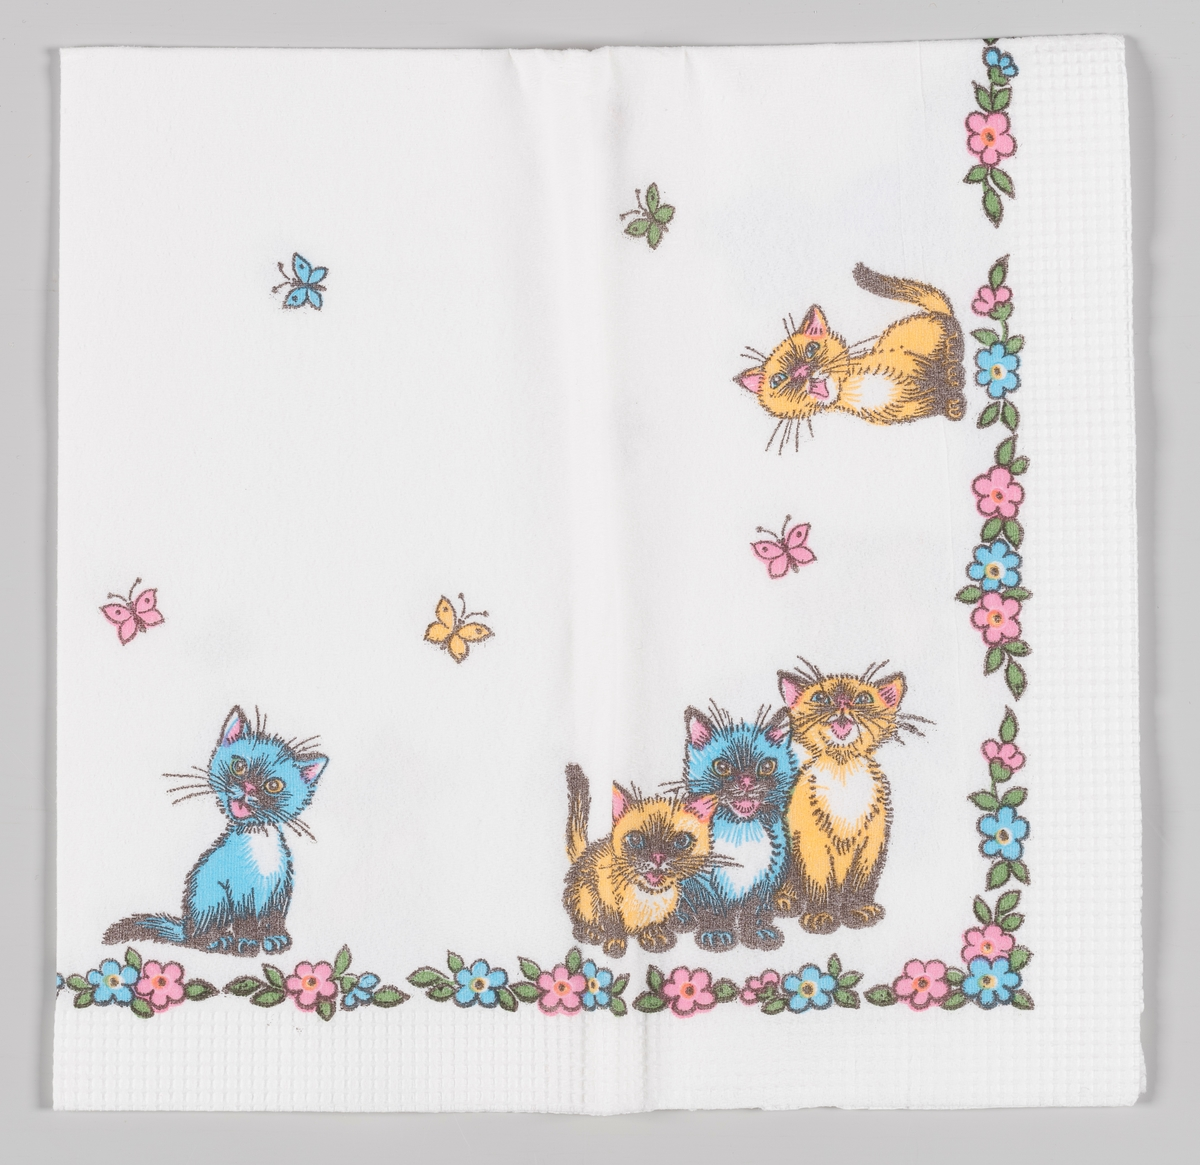 Fem katter i fargene gul og blå sitter langs en kant av blomster mellom flygende sommerfugler.